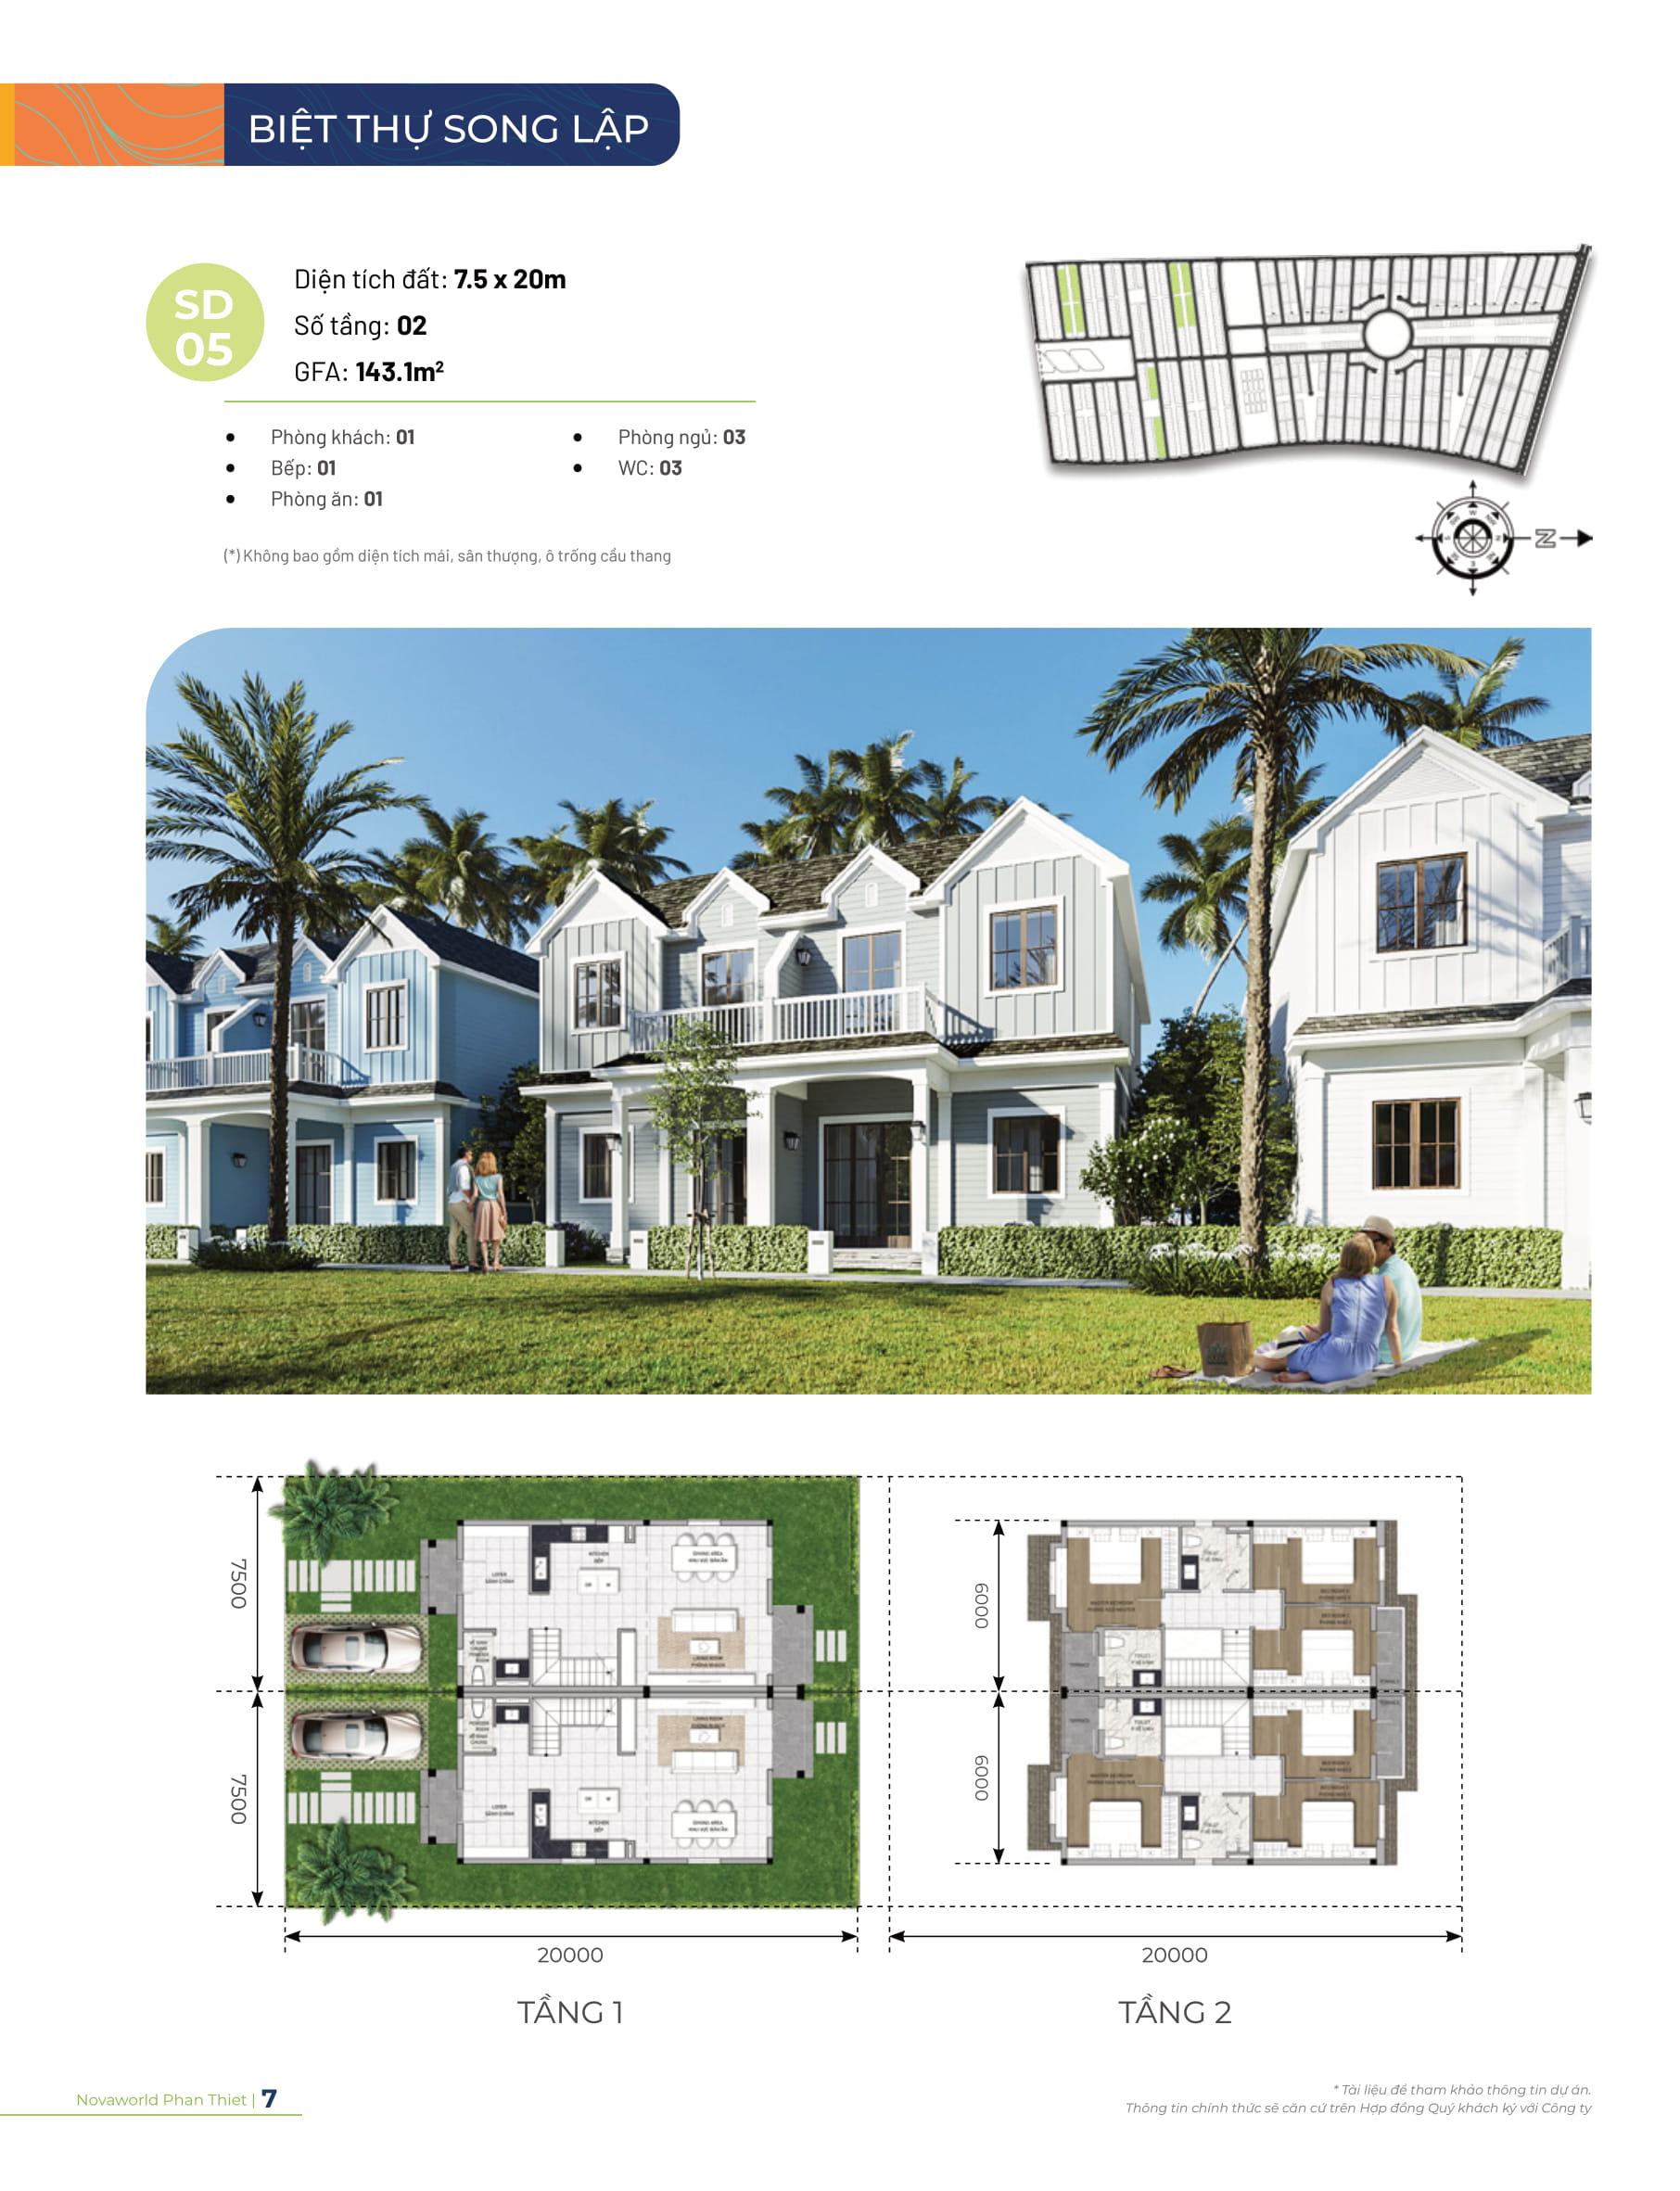 mb-nwp-plans-4b-210820-06